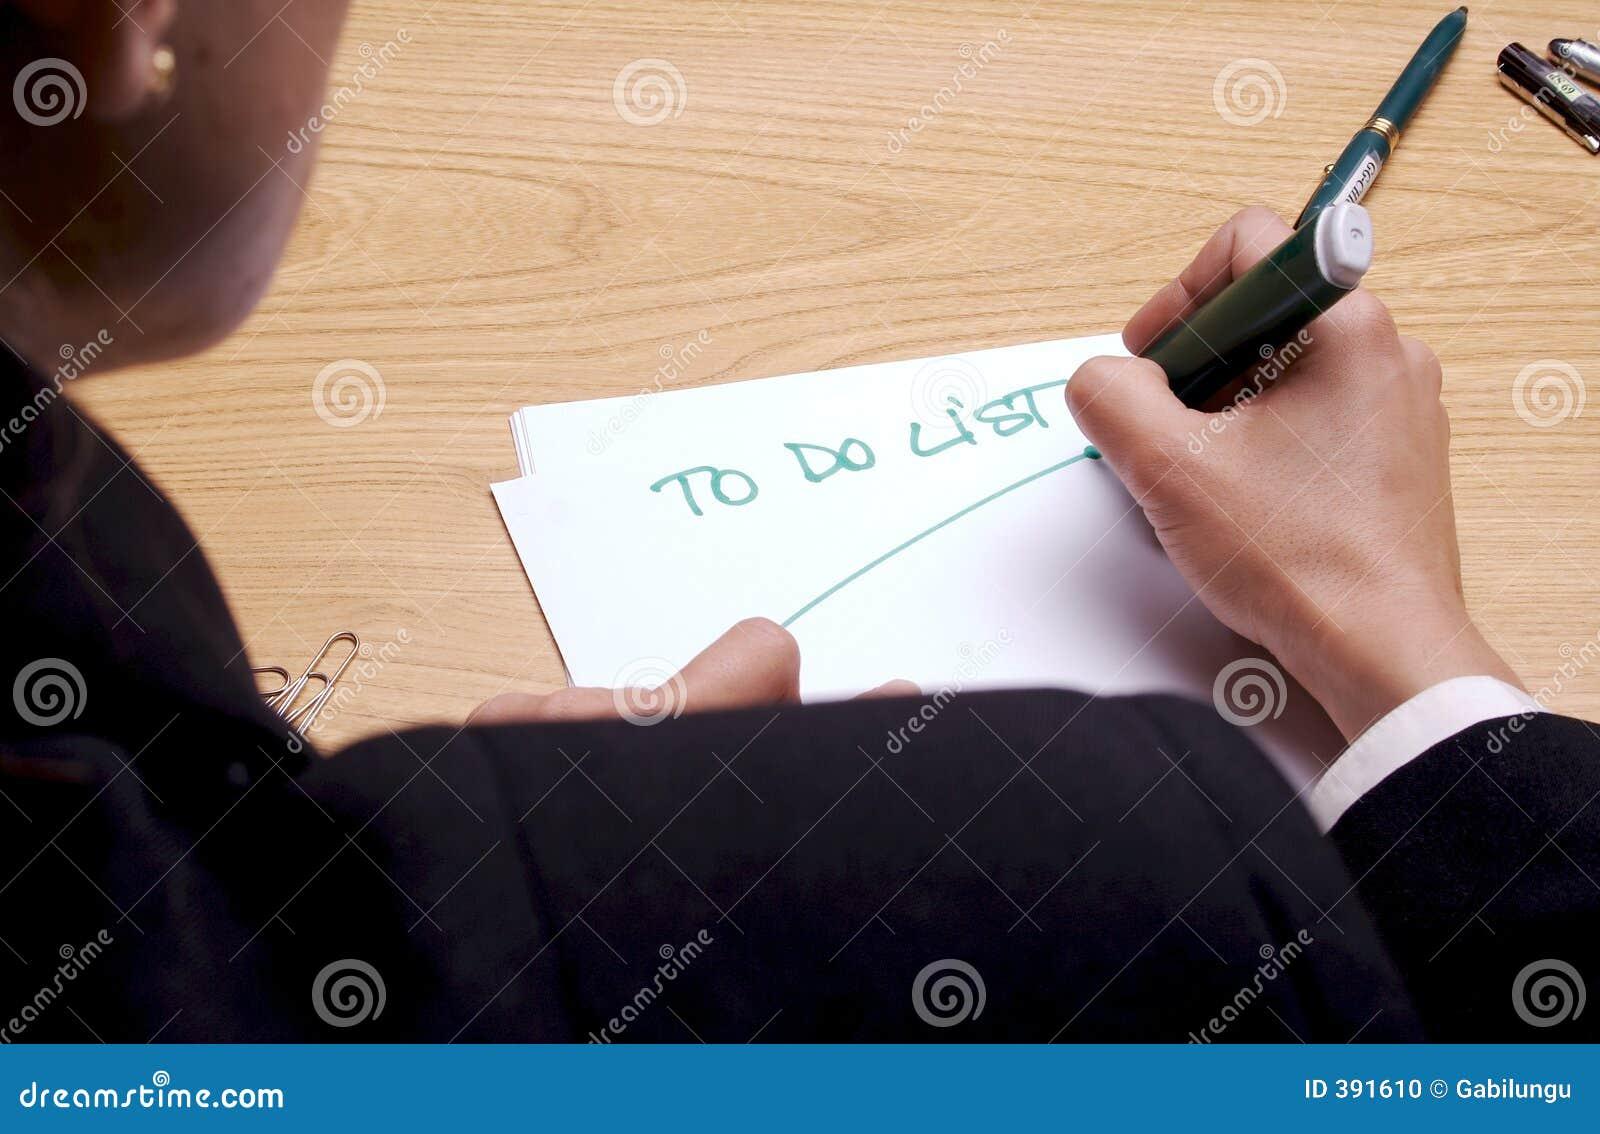 Pour faire la liste 2